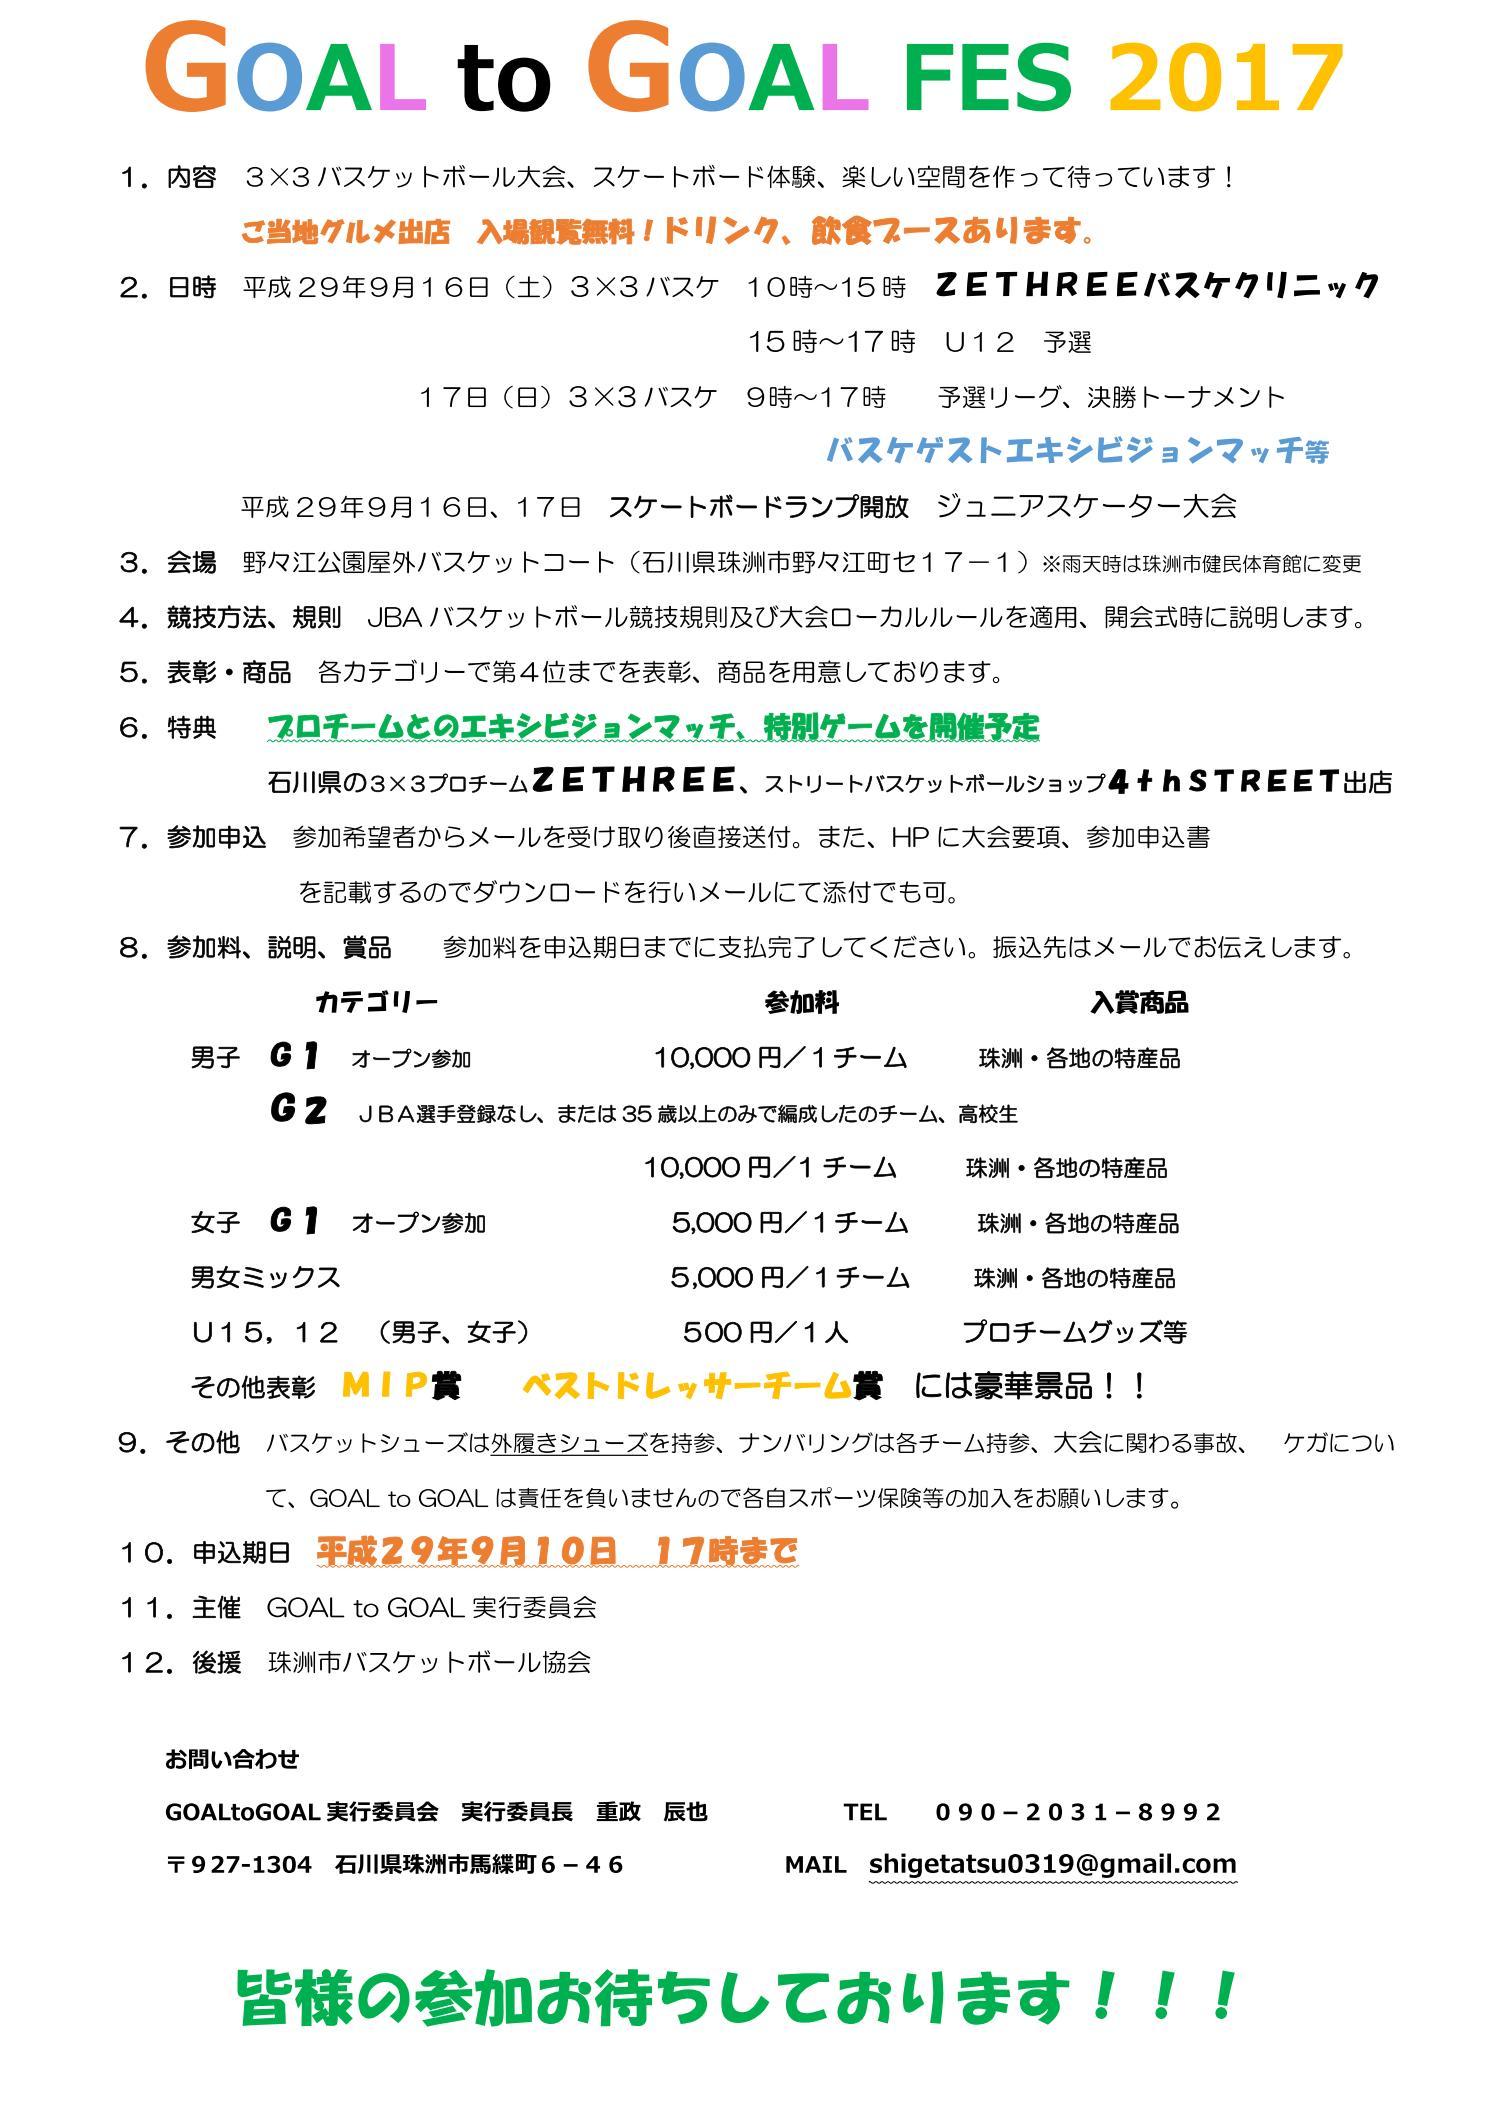 GOAL to GOAL 2017 参加要項_01